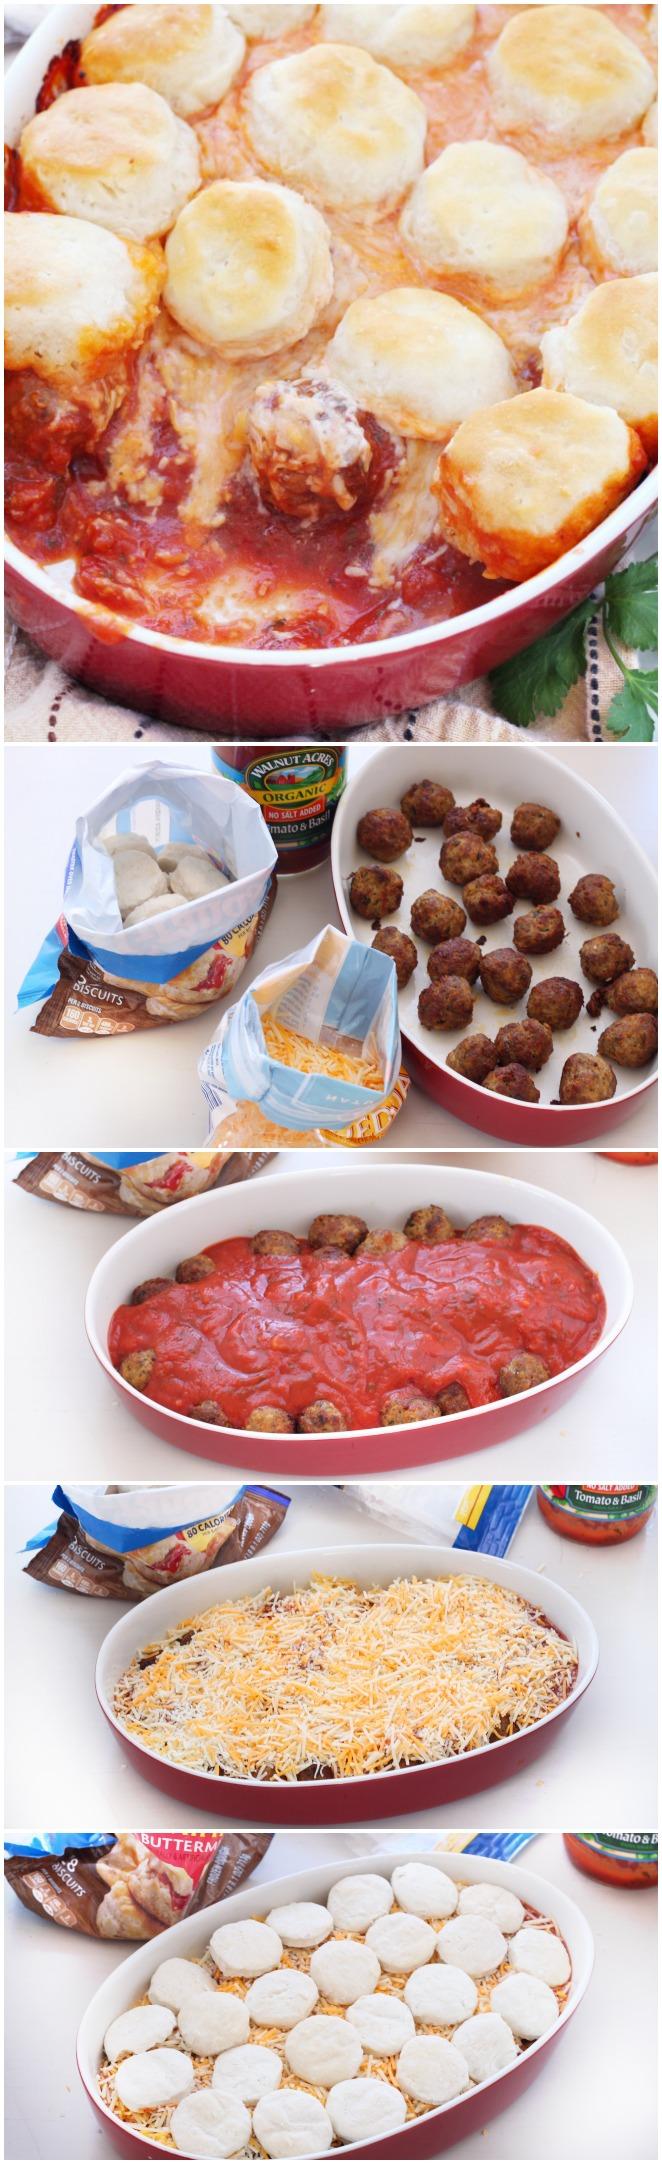 Upside down meatball casserole